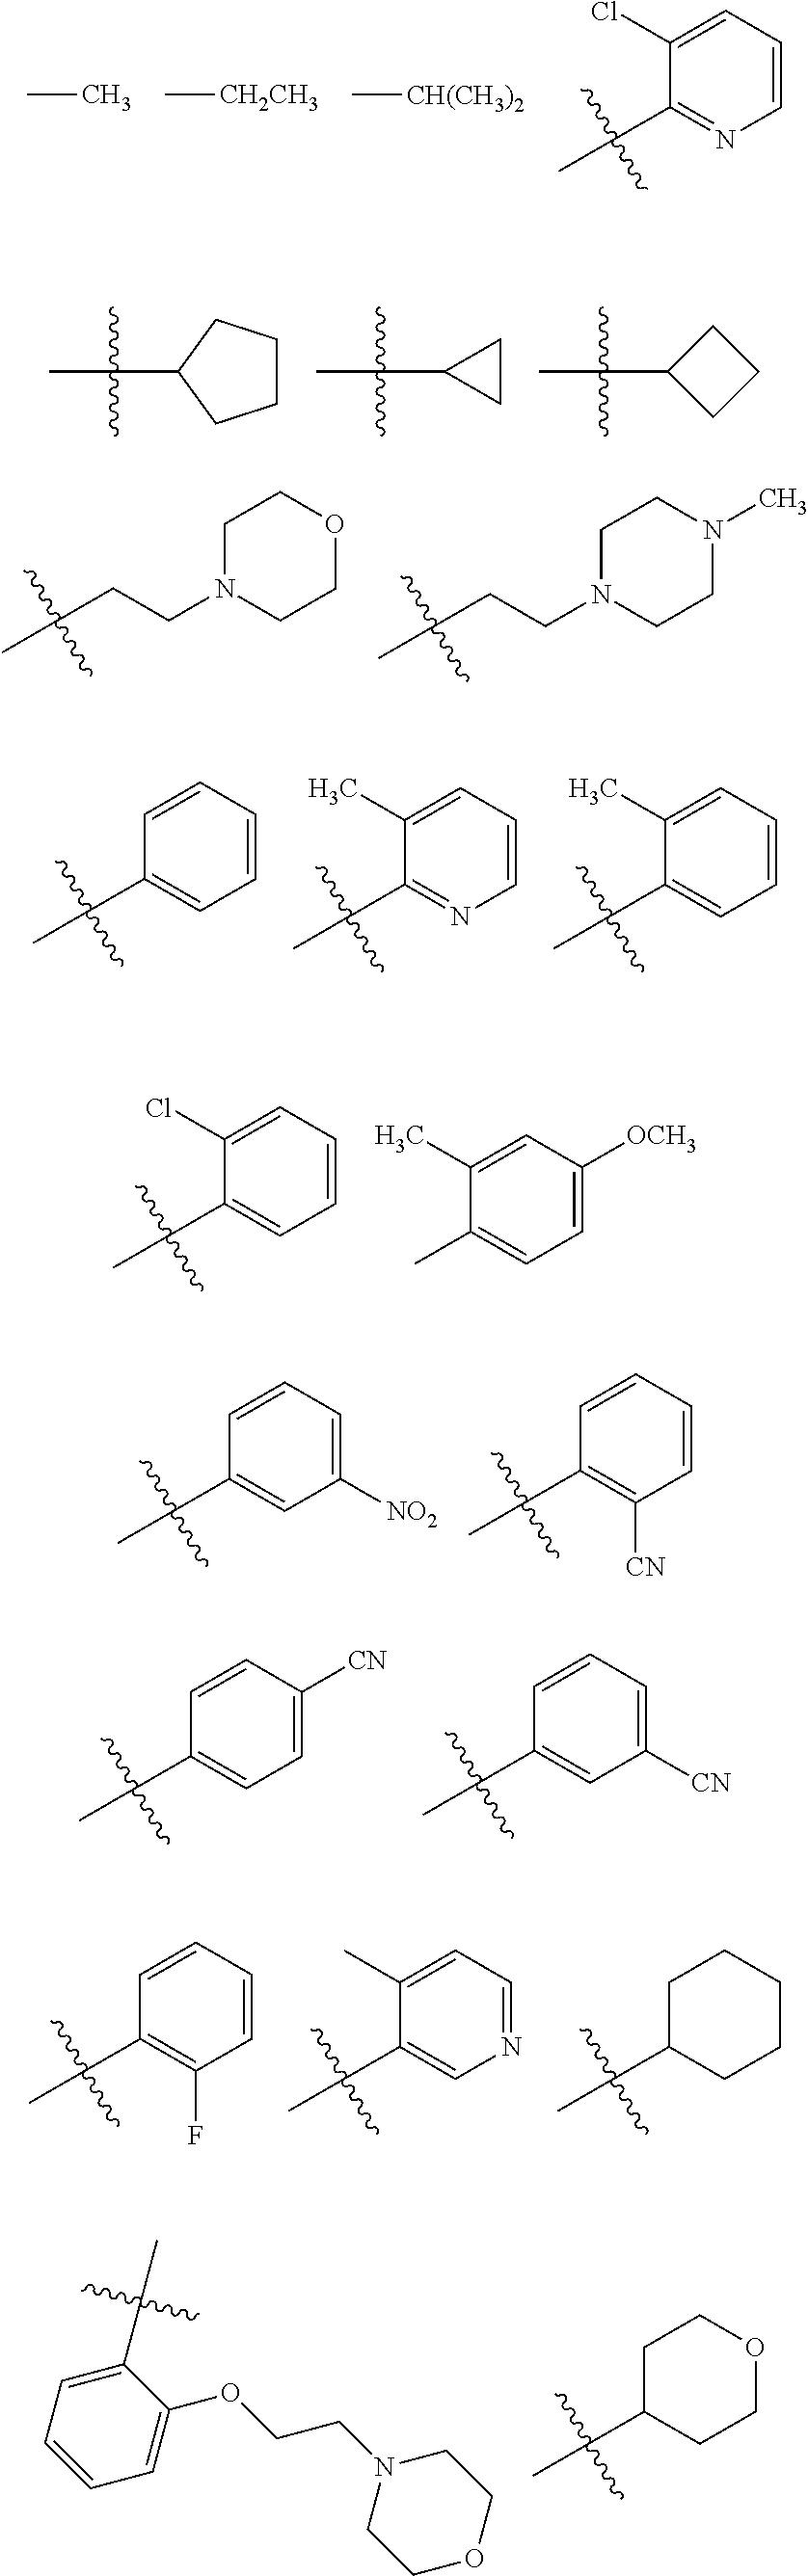 Figure US20110046165A1-20110224-C00025